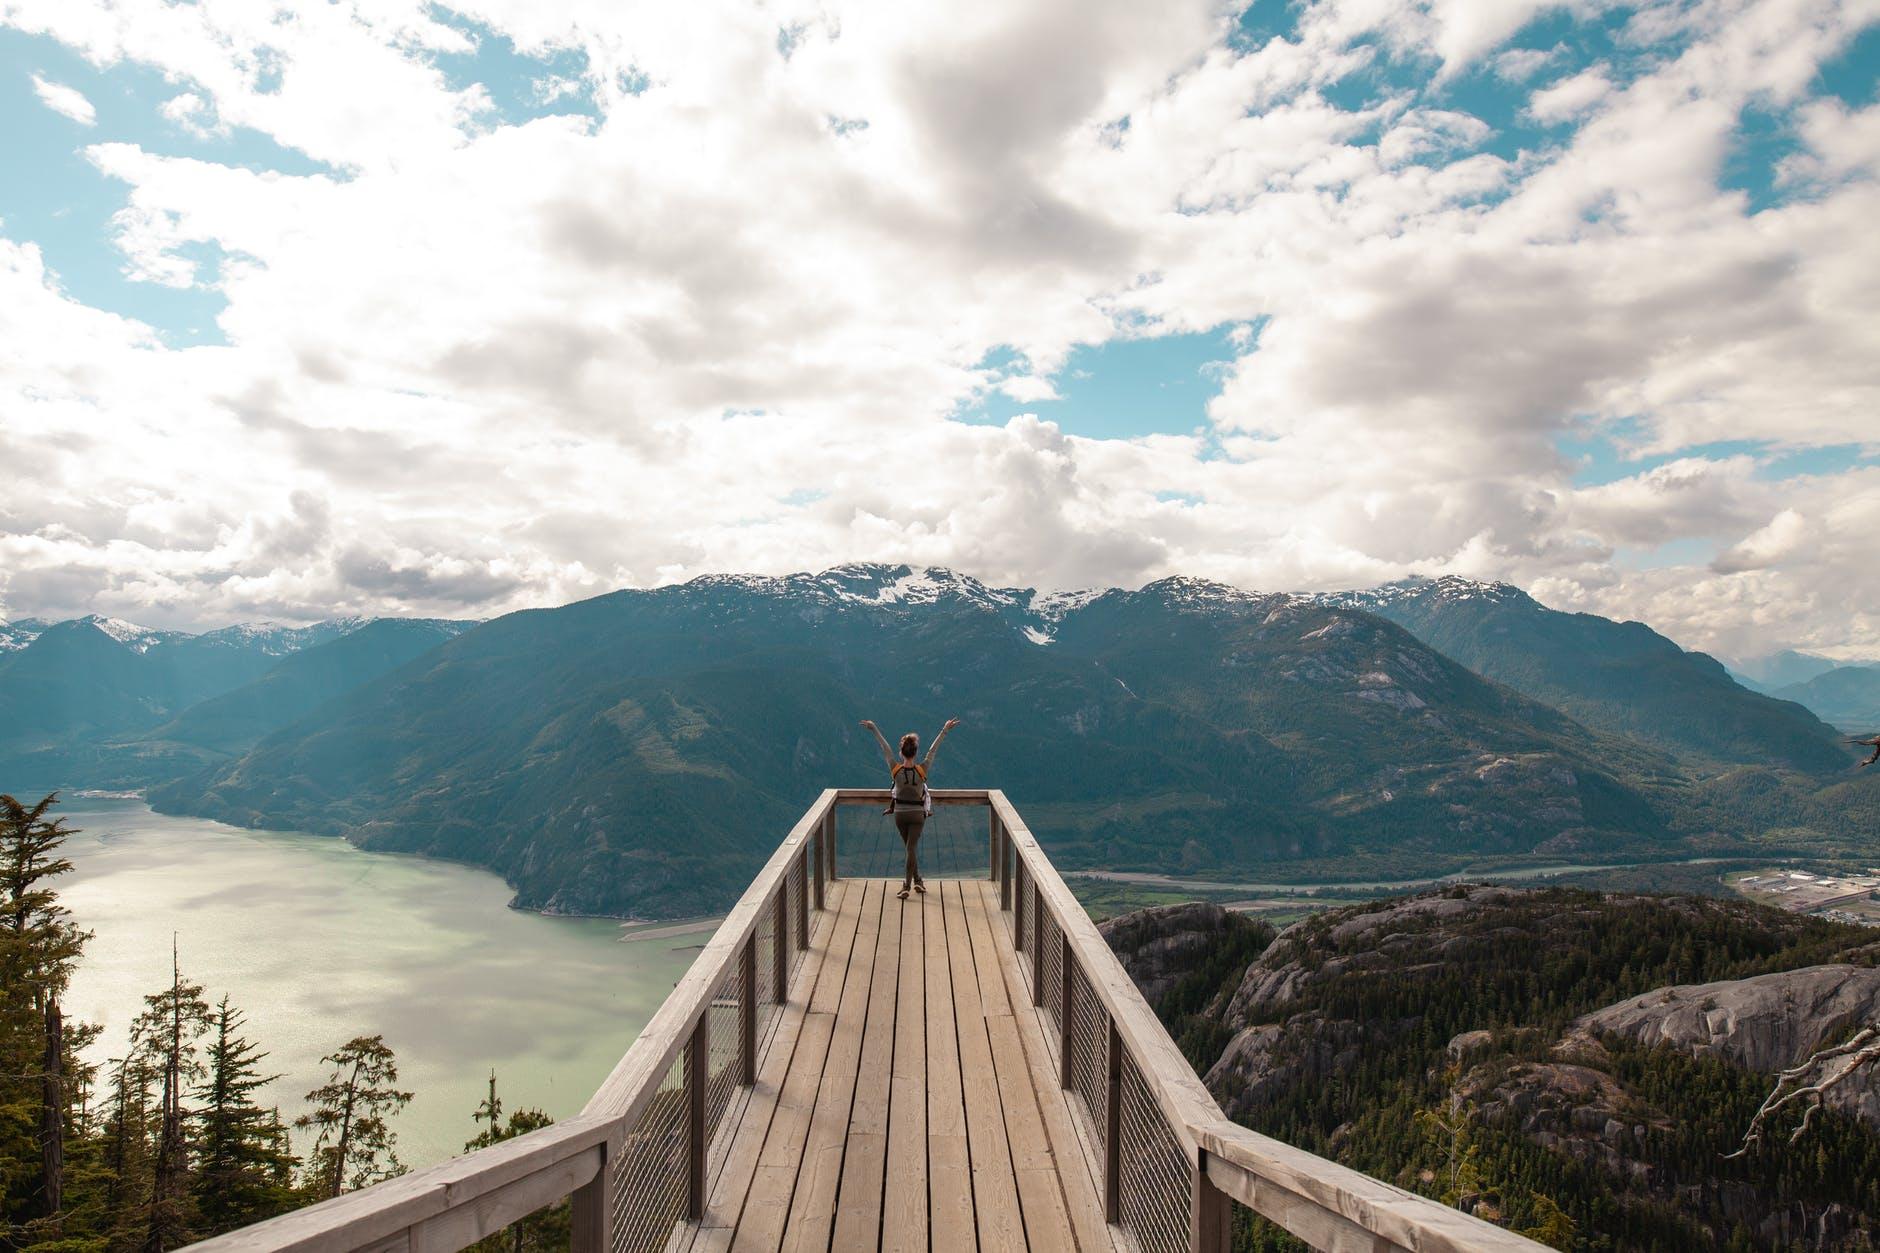 Selfish or freedom? Creating Healthy Boundaries